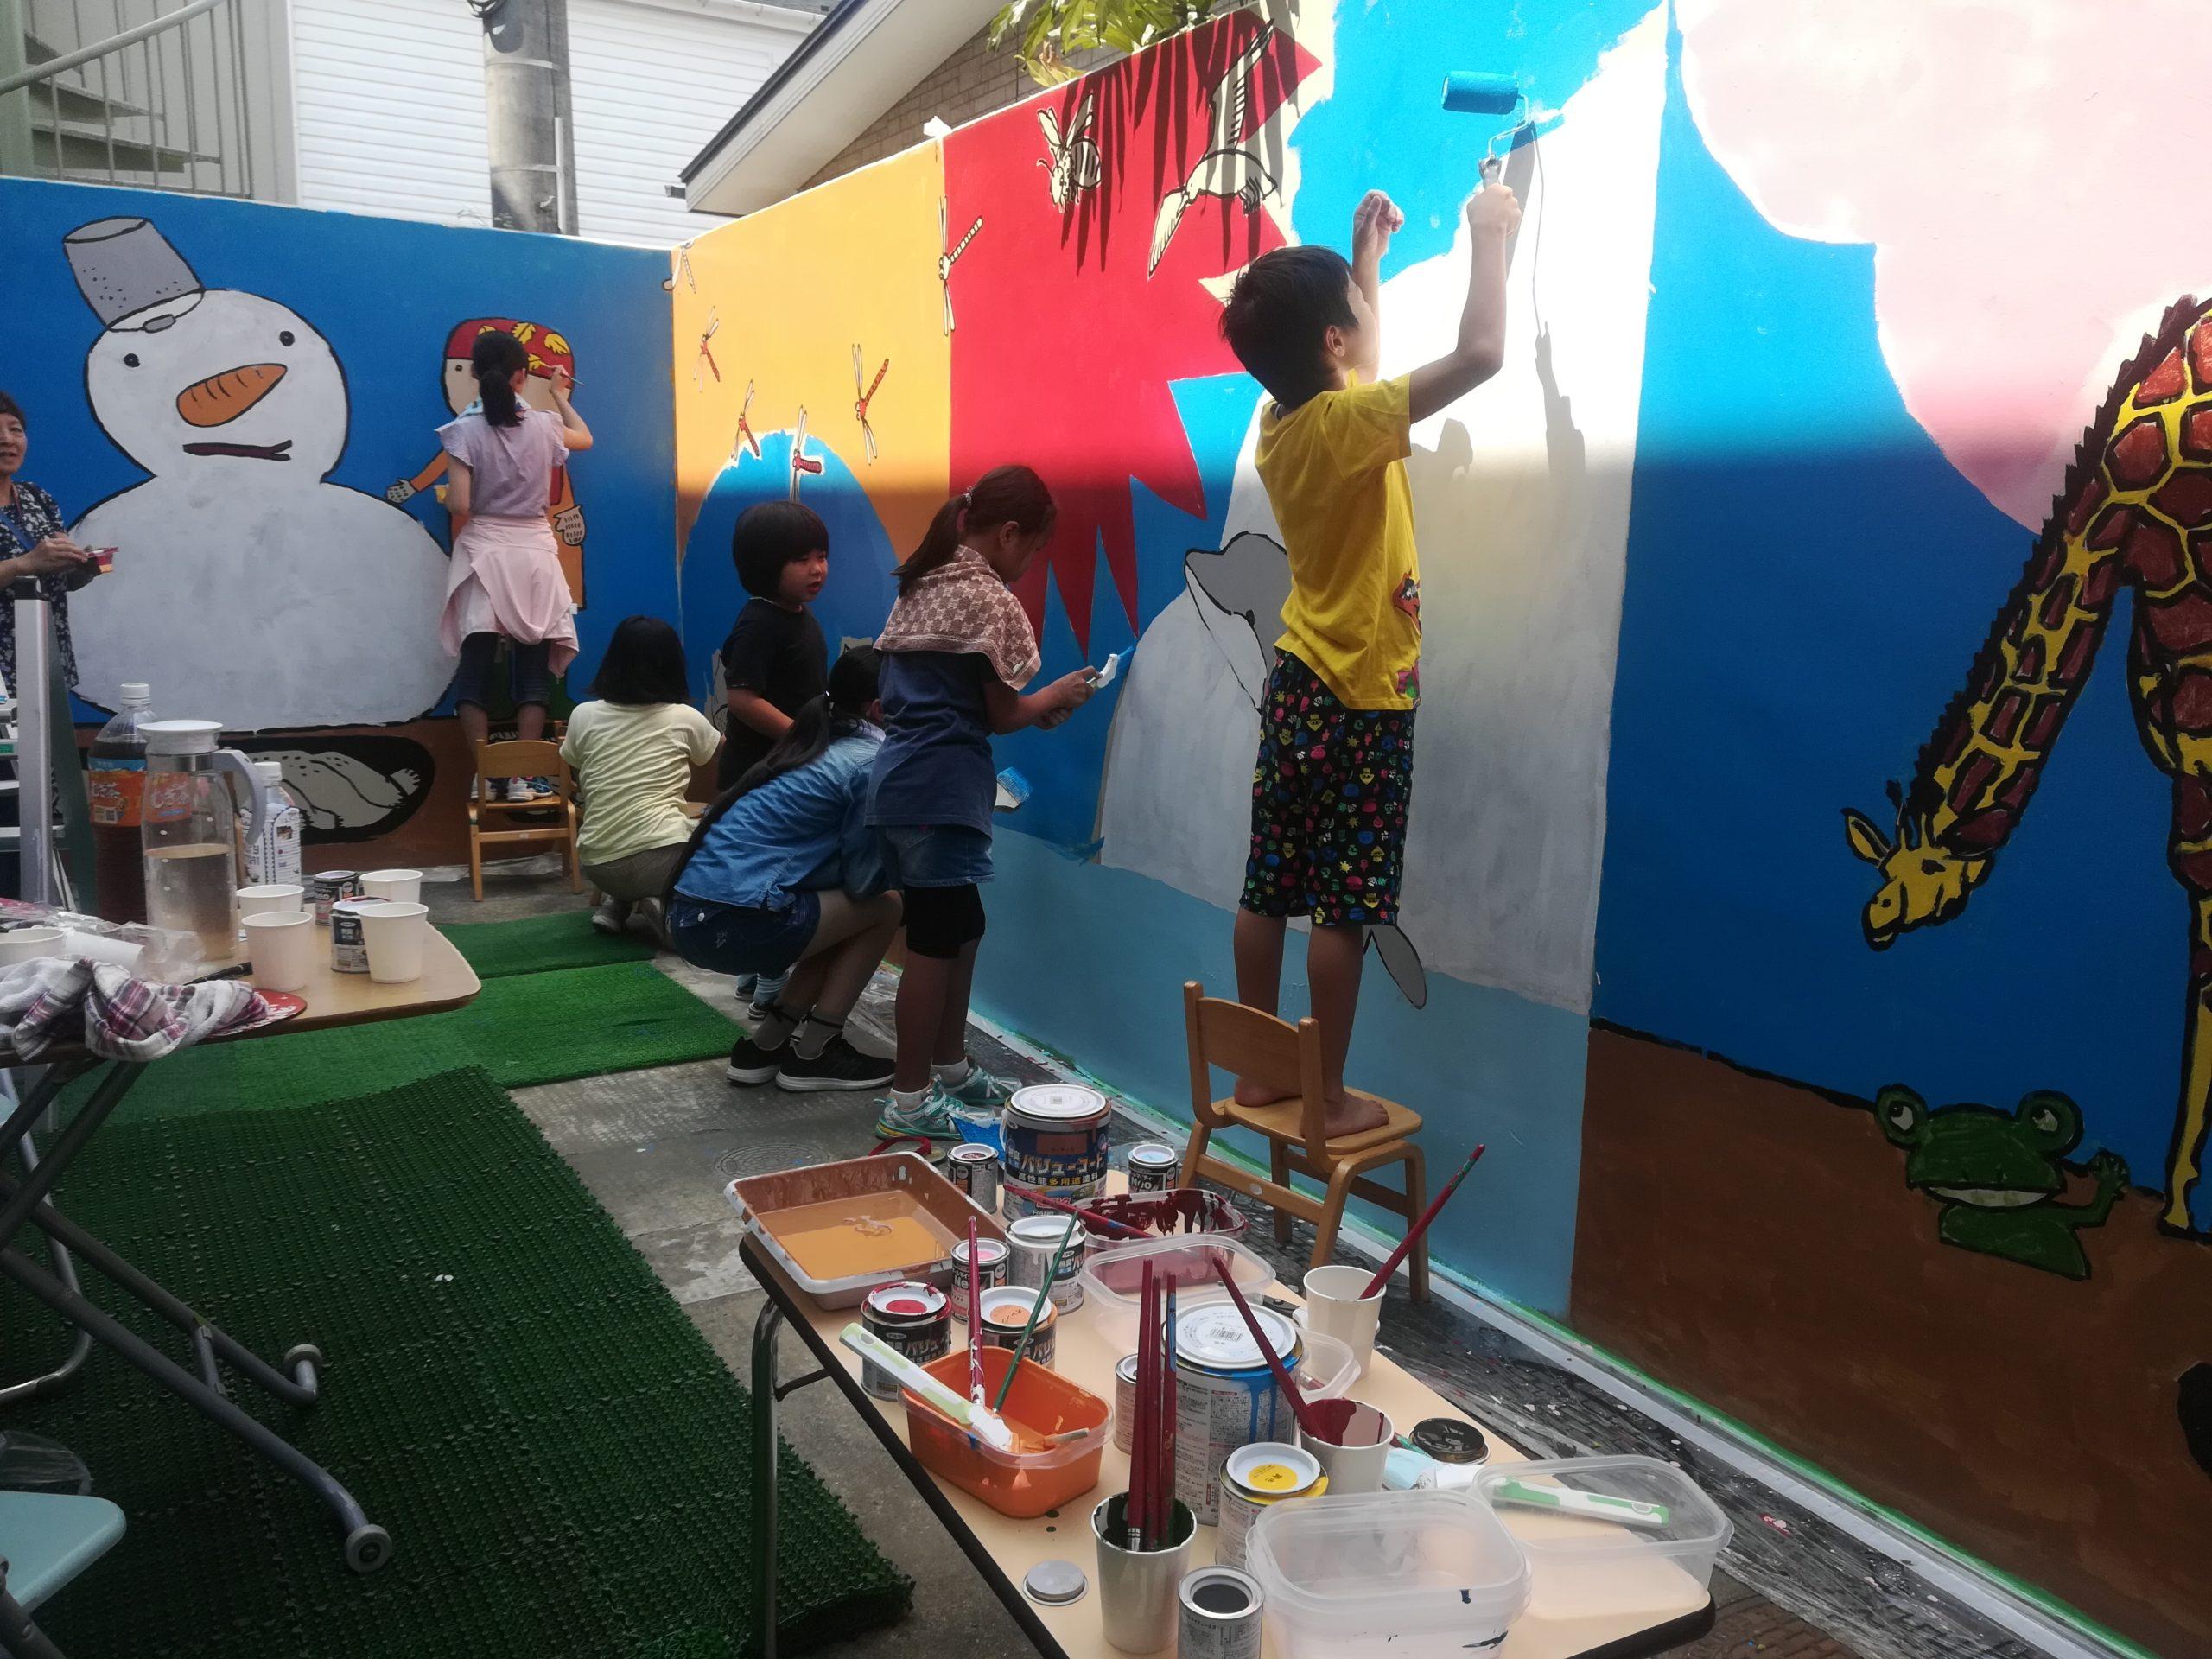 園児も一緒に壁画を製作